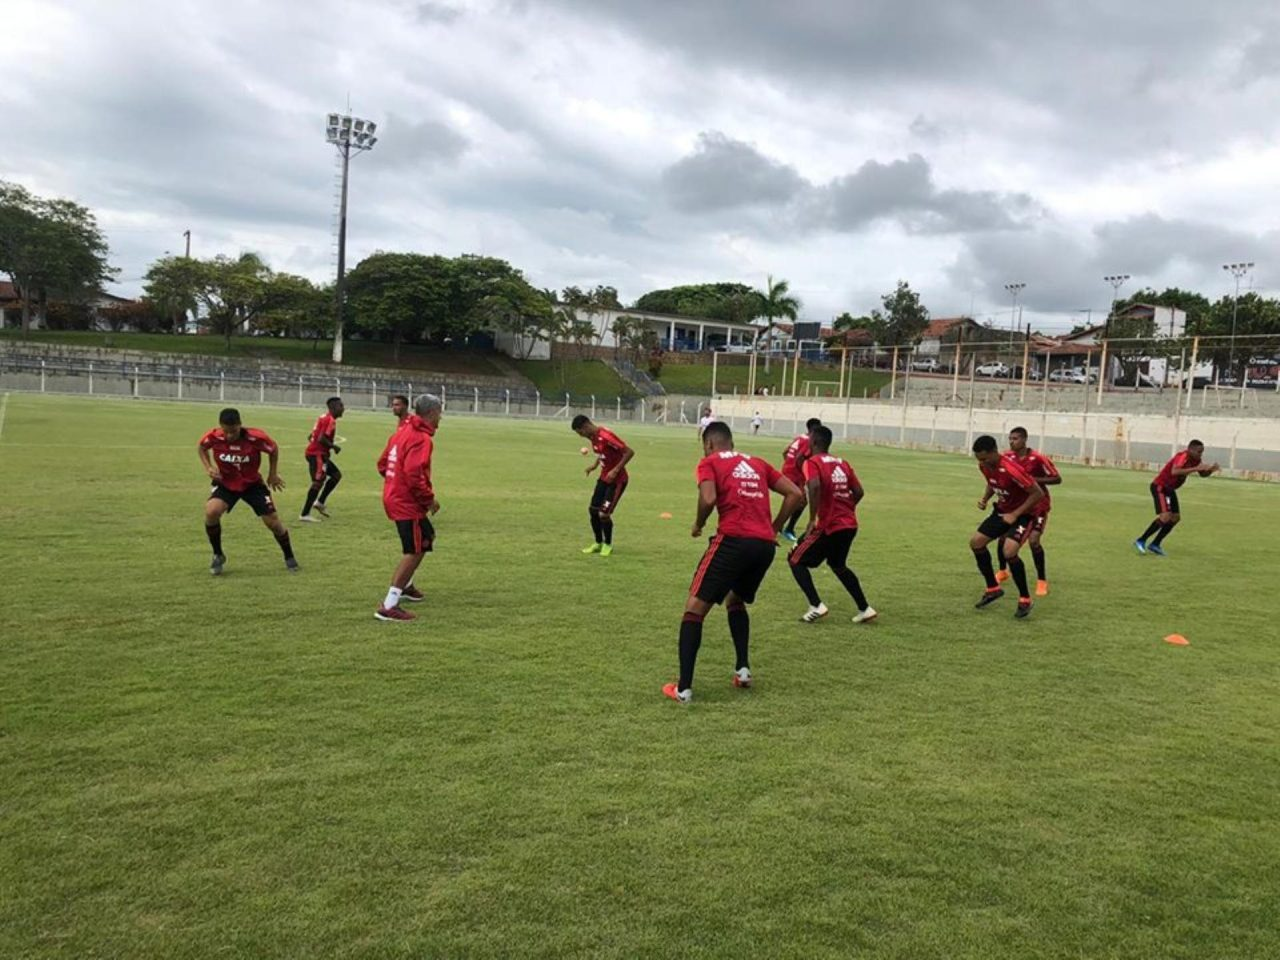 Diez muertos tras incendiarse un centro del club de futbol Flamengo